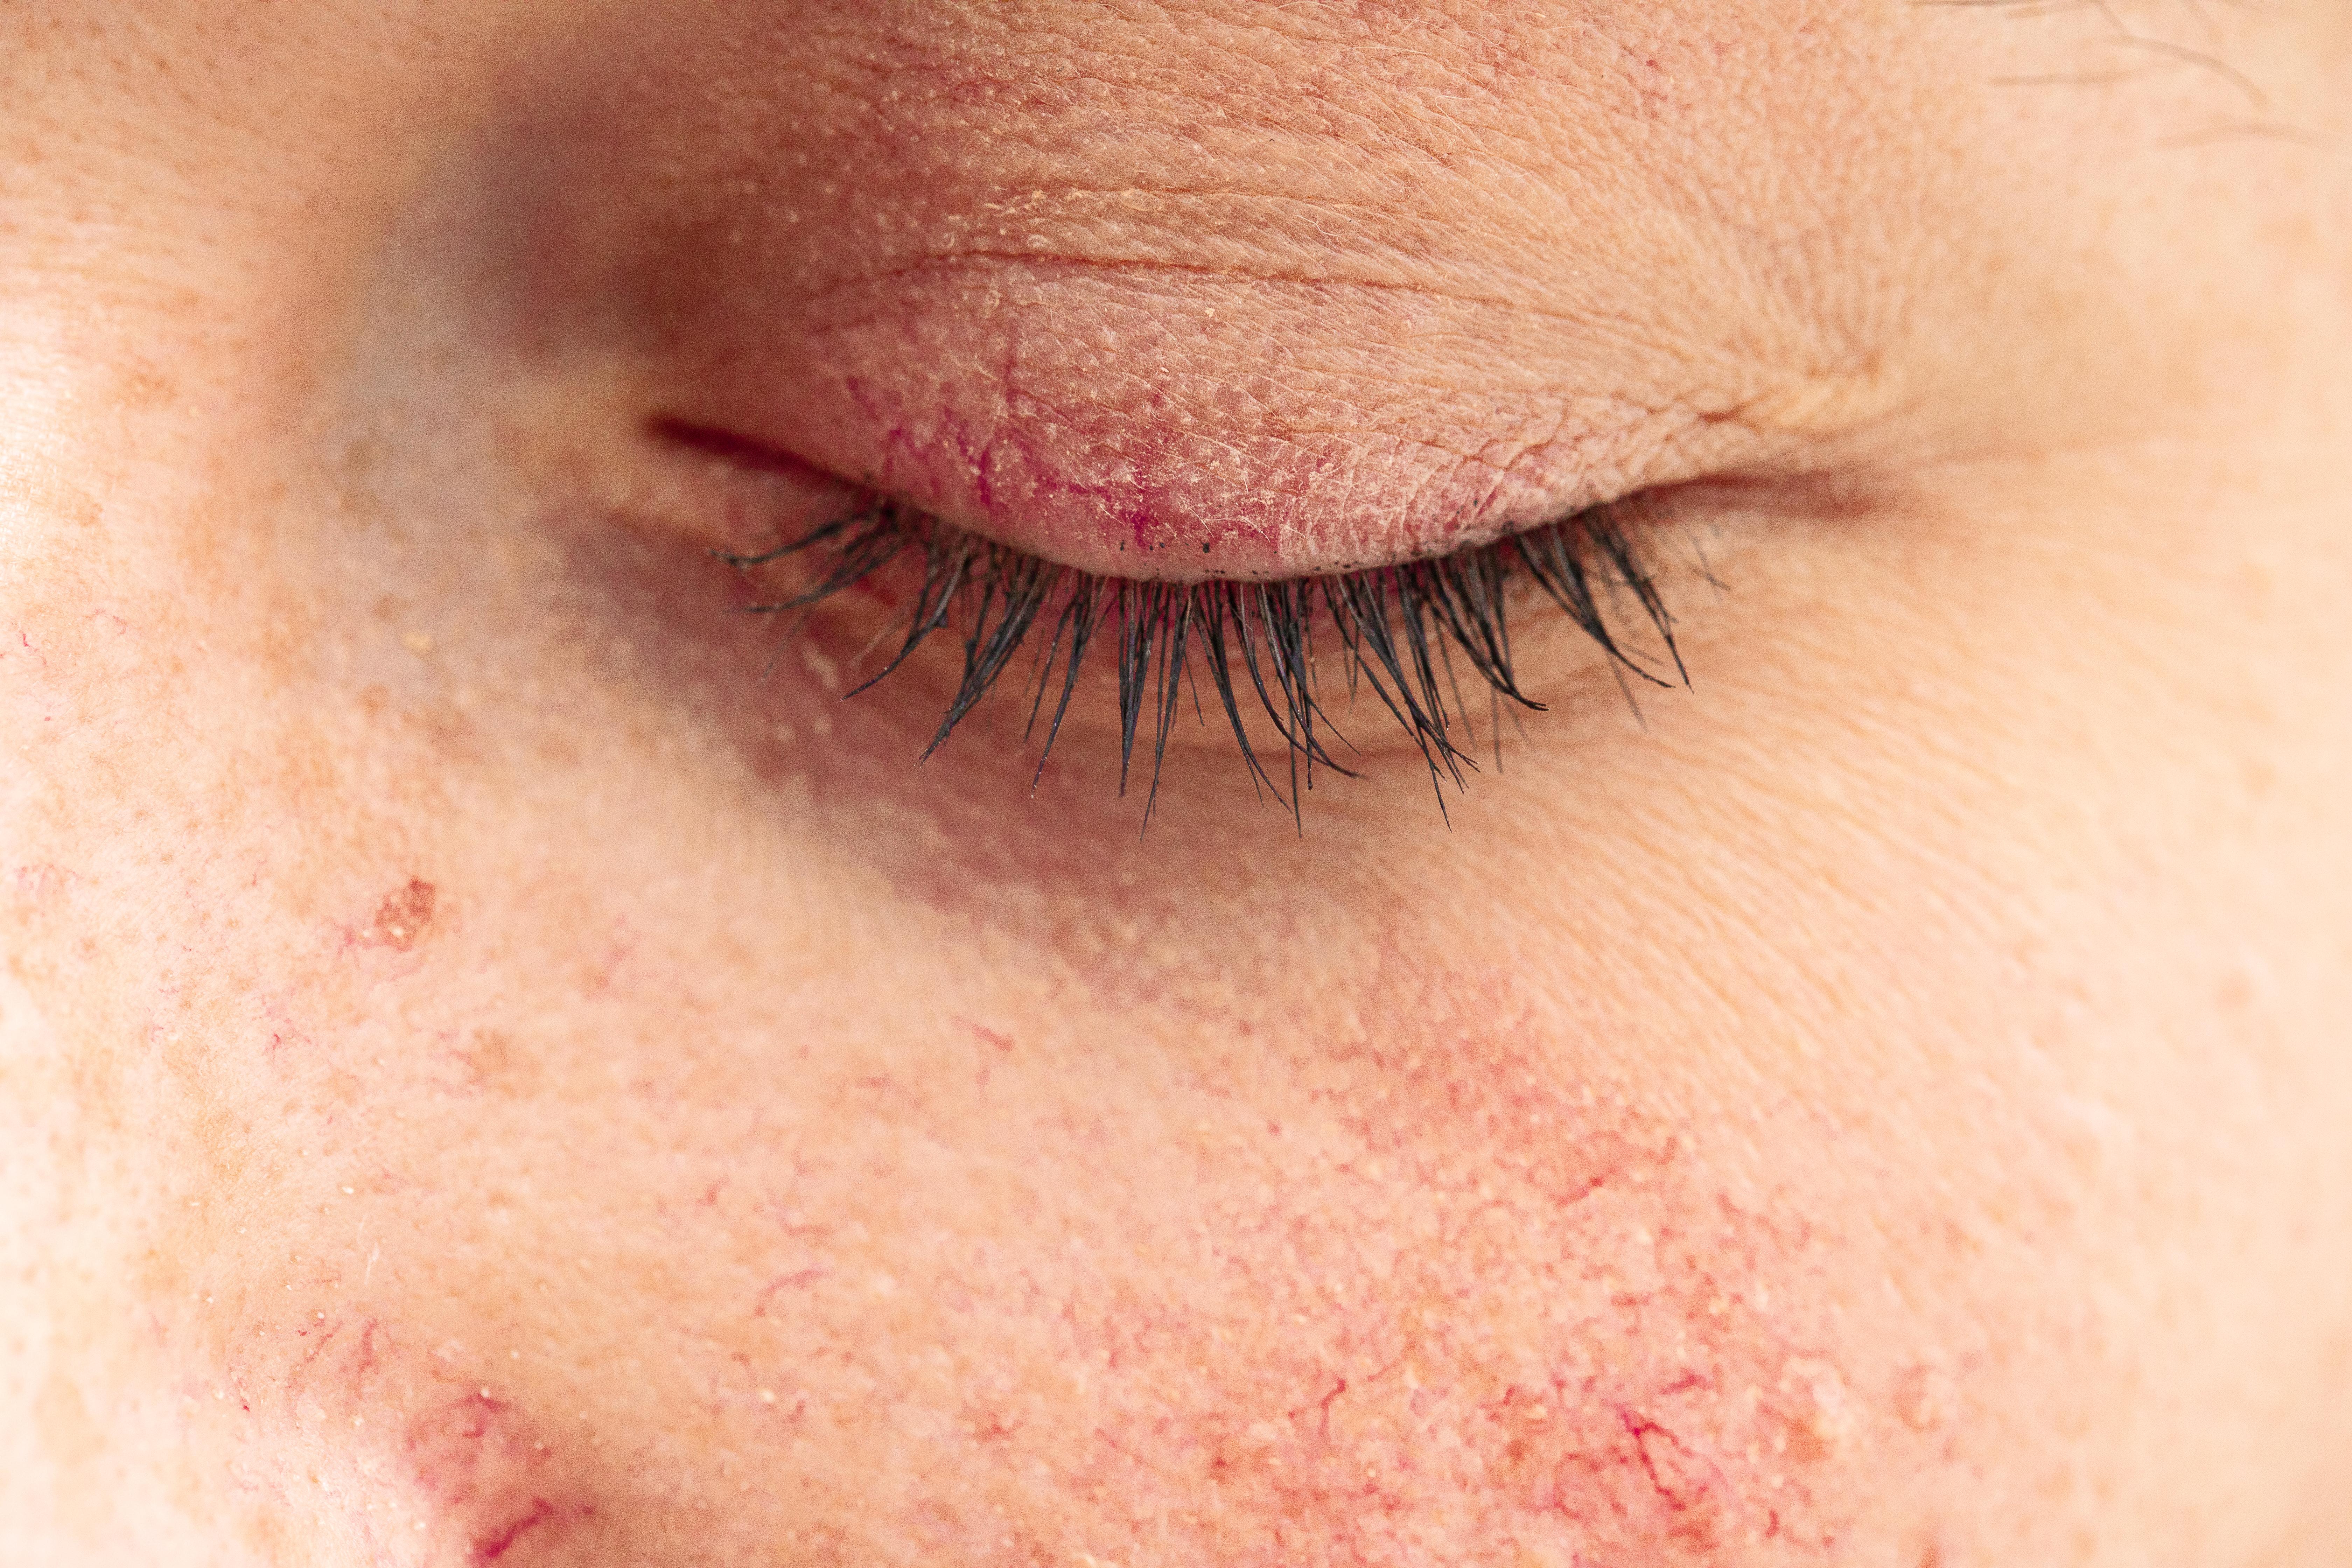 Ovu kožnu bolest nije moguće u potpunosti izliječiti